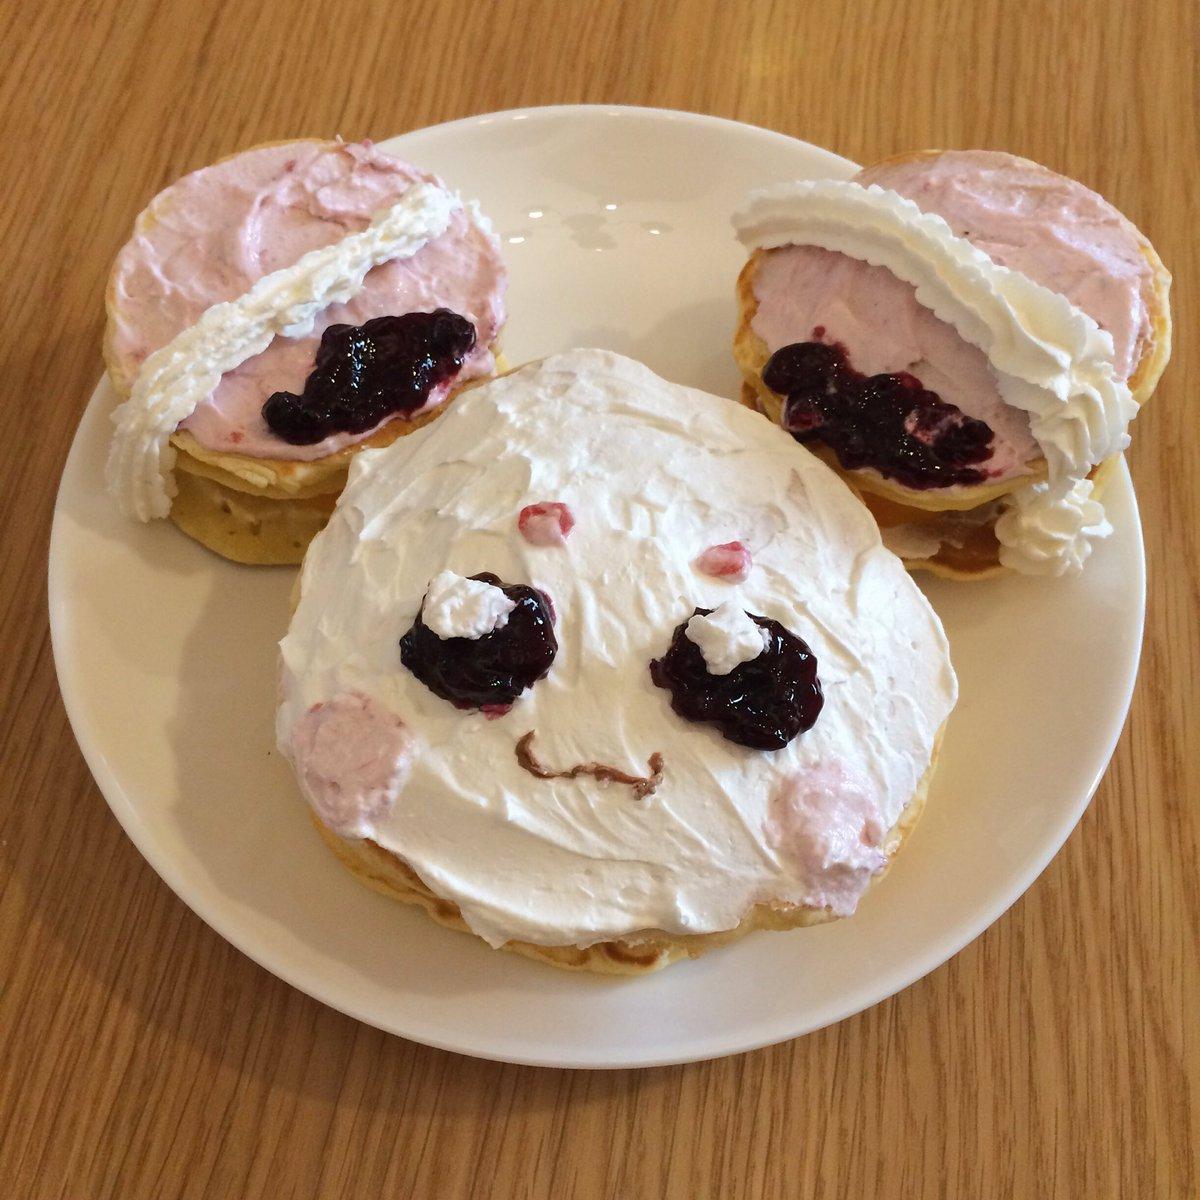 娘の誕生日だからフワのケーキ作ってみたけど頑張りました感